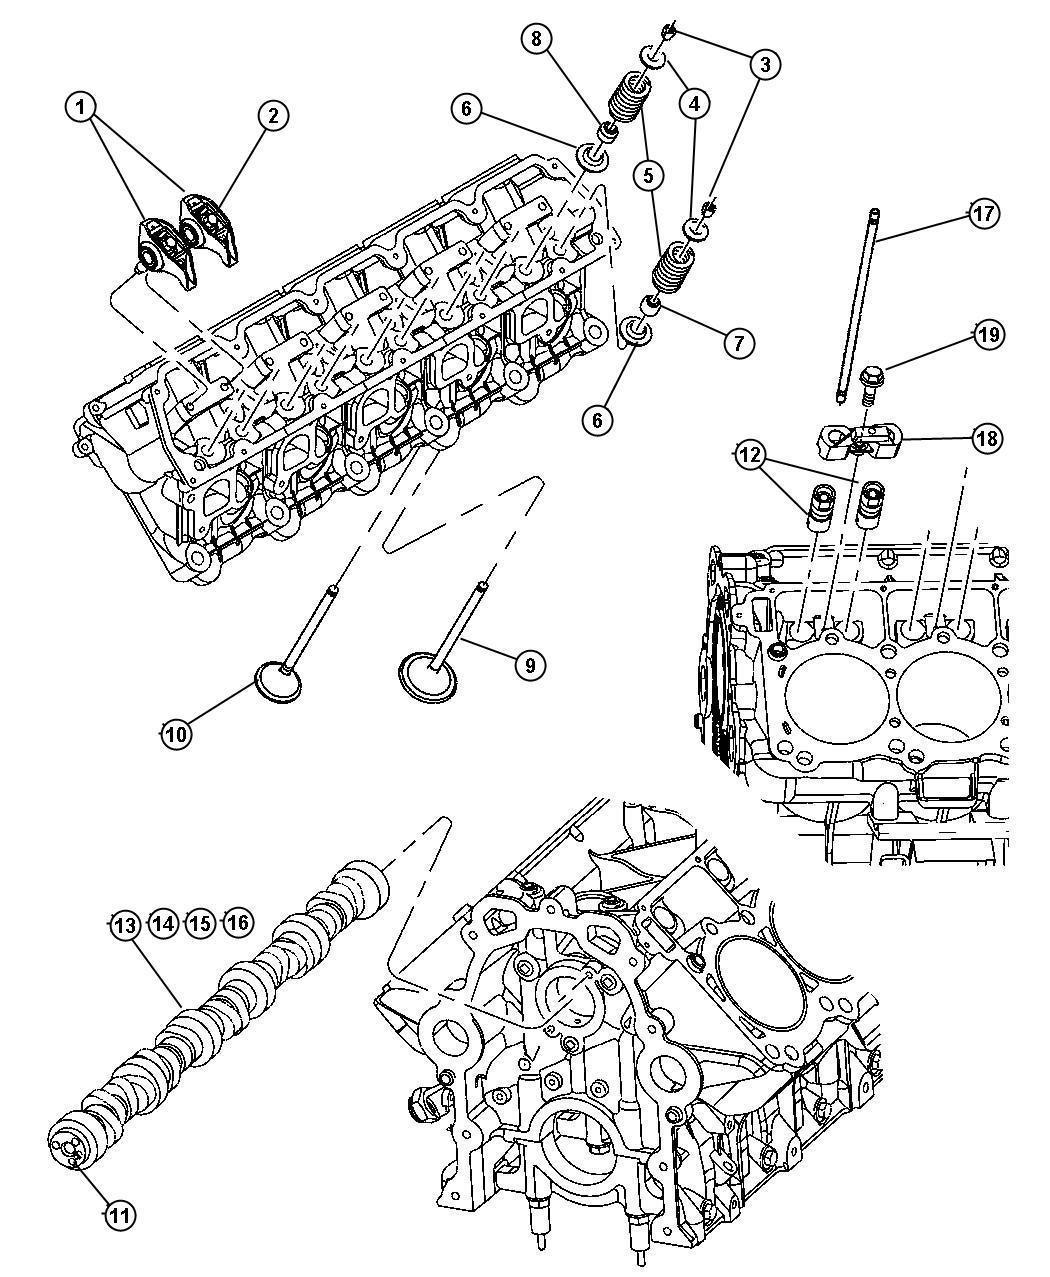 tags: #rebuilt dodge v10 engine#dodge v10 crate engine#1995 dodge v1#96  dodge 3500 v10 engine#dodge v10 motor#ram v10 engine#1996 dodge v10 engine# dodge ram